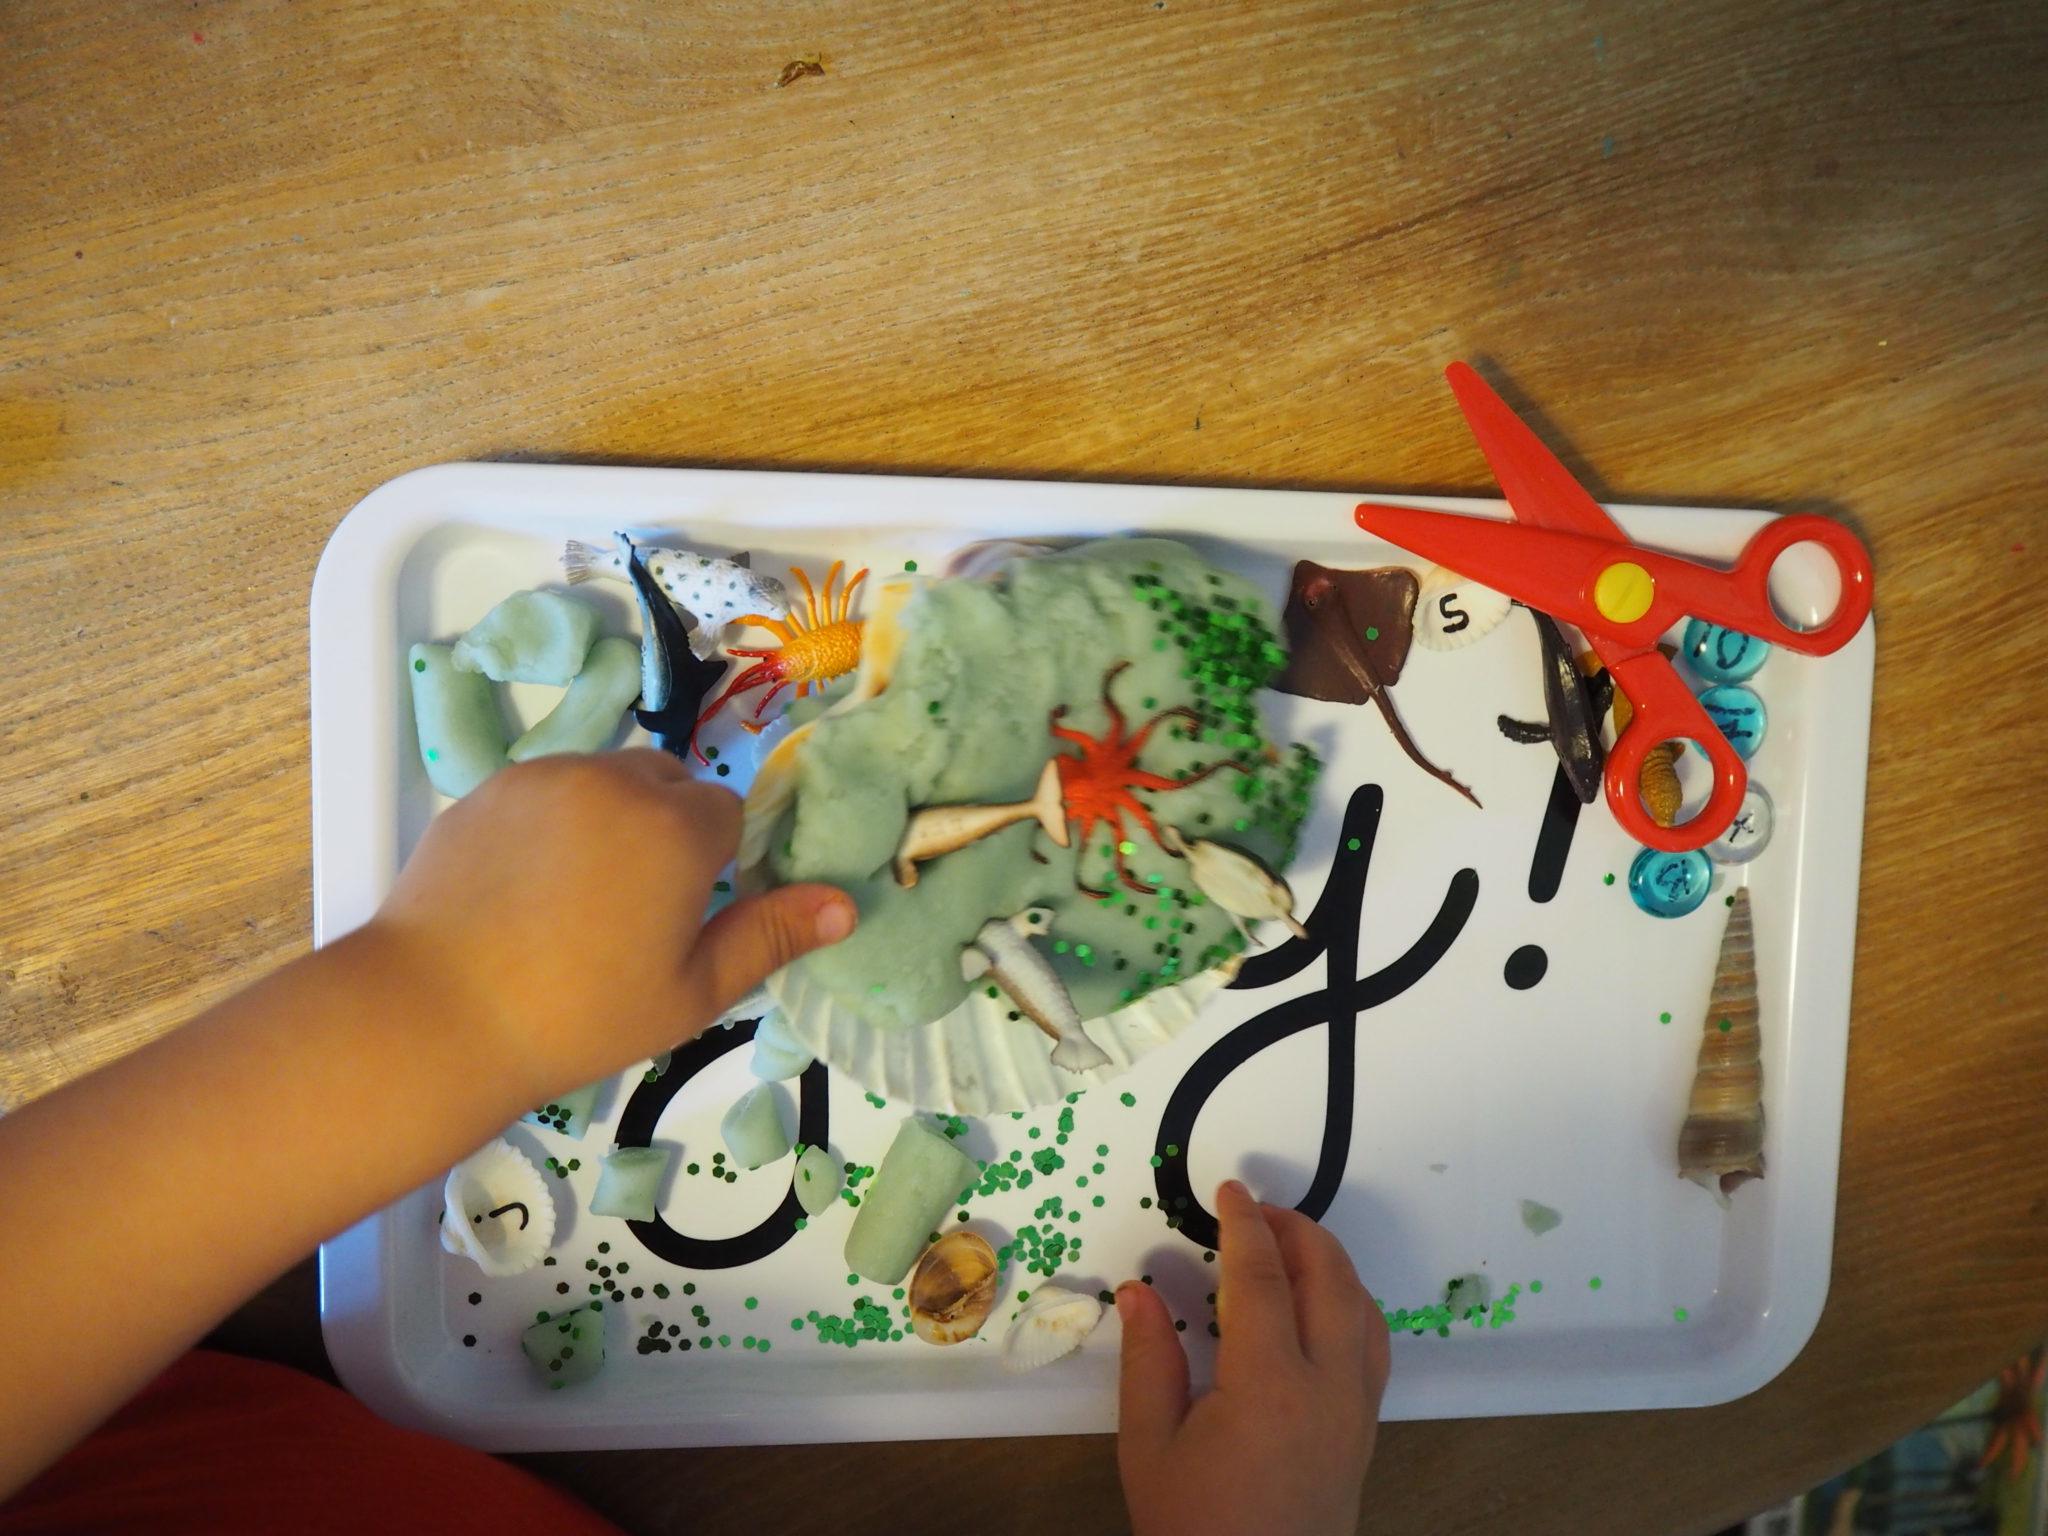 child playing handmade playdough